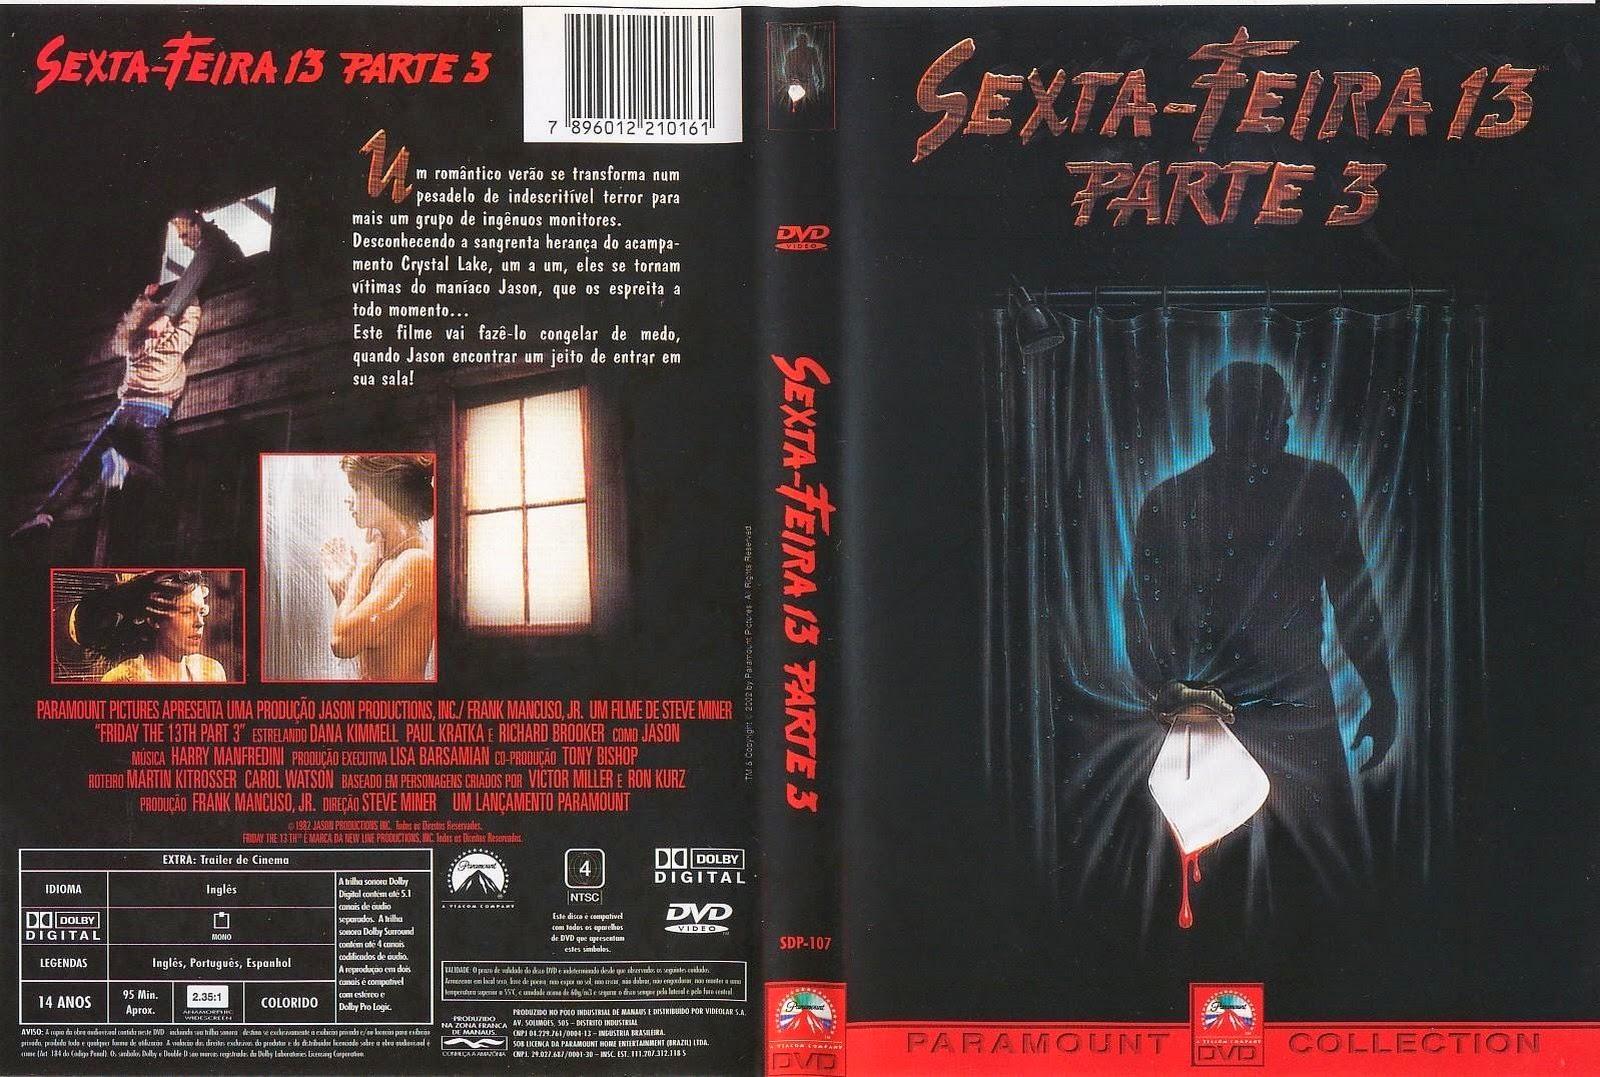 Sexta-Feira 13 Parte 3 DVD Capa